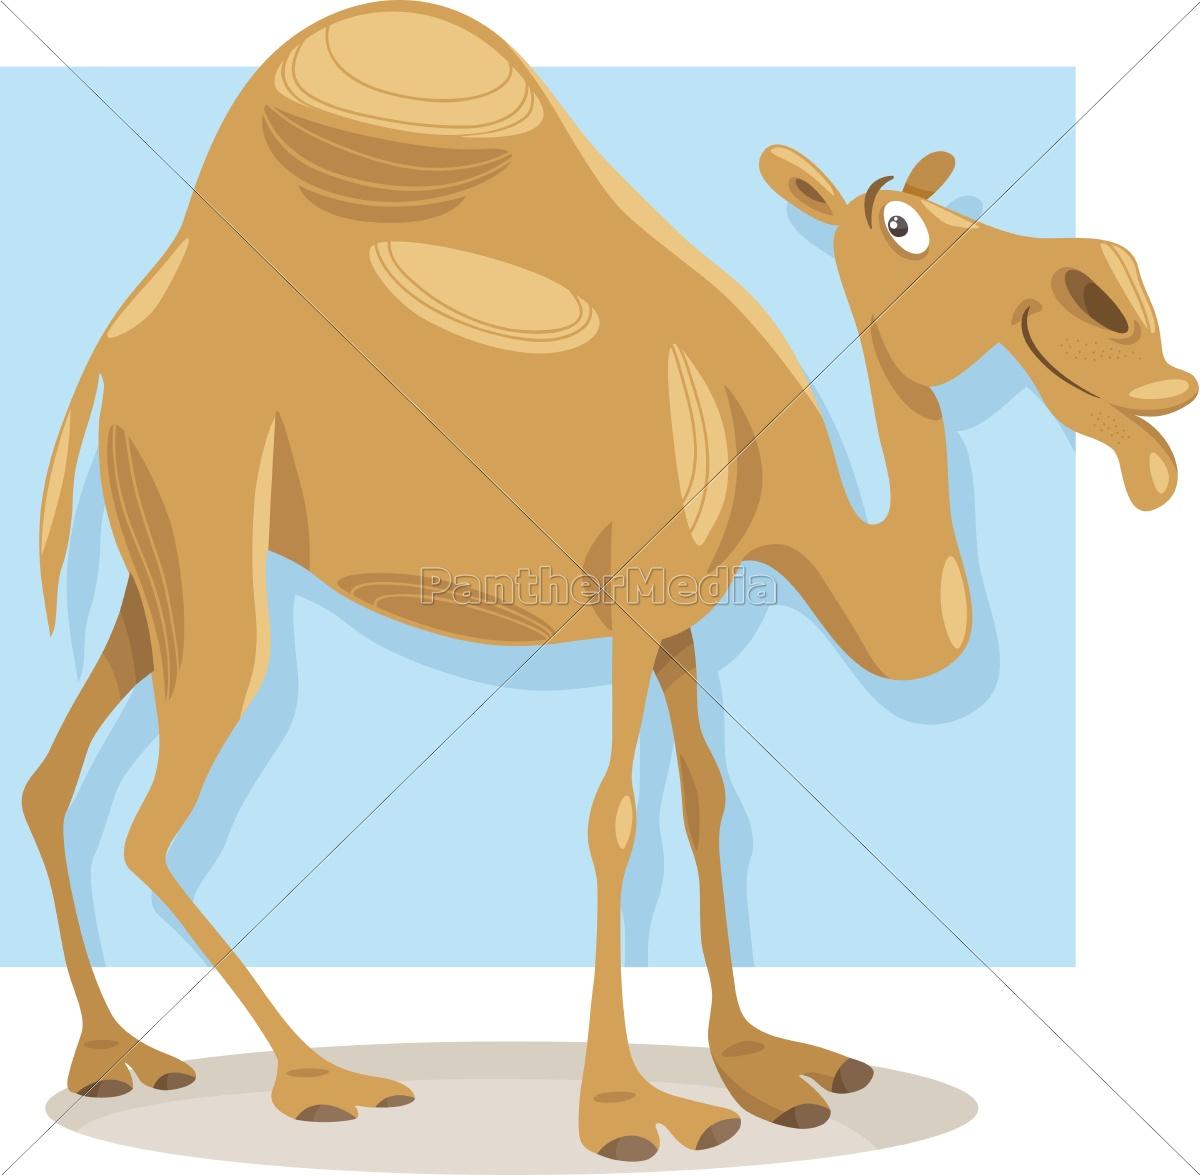 dromedary, camel, cartoon, illustration - 12928992